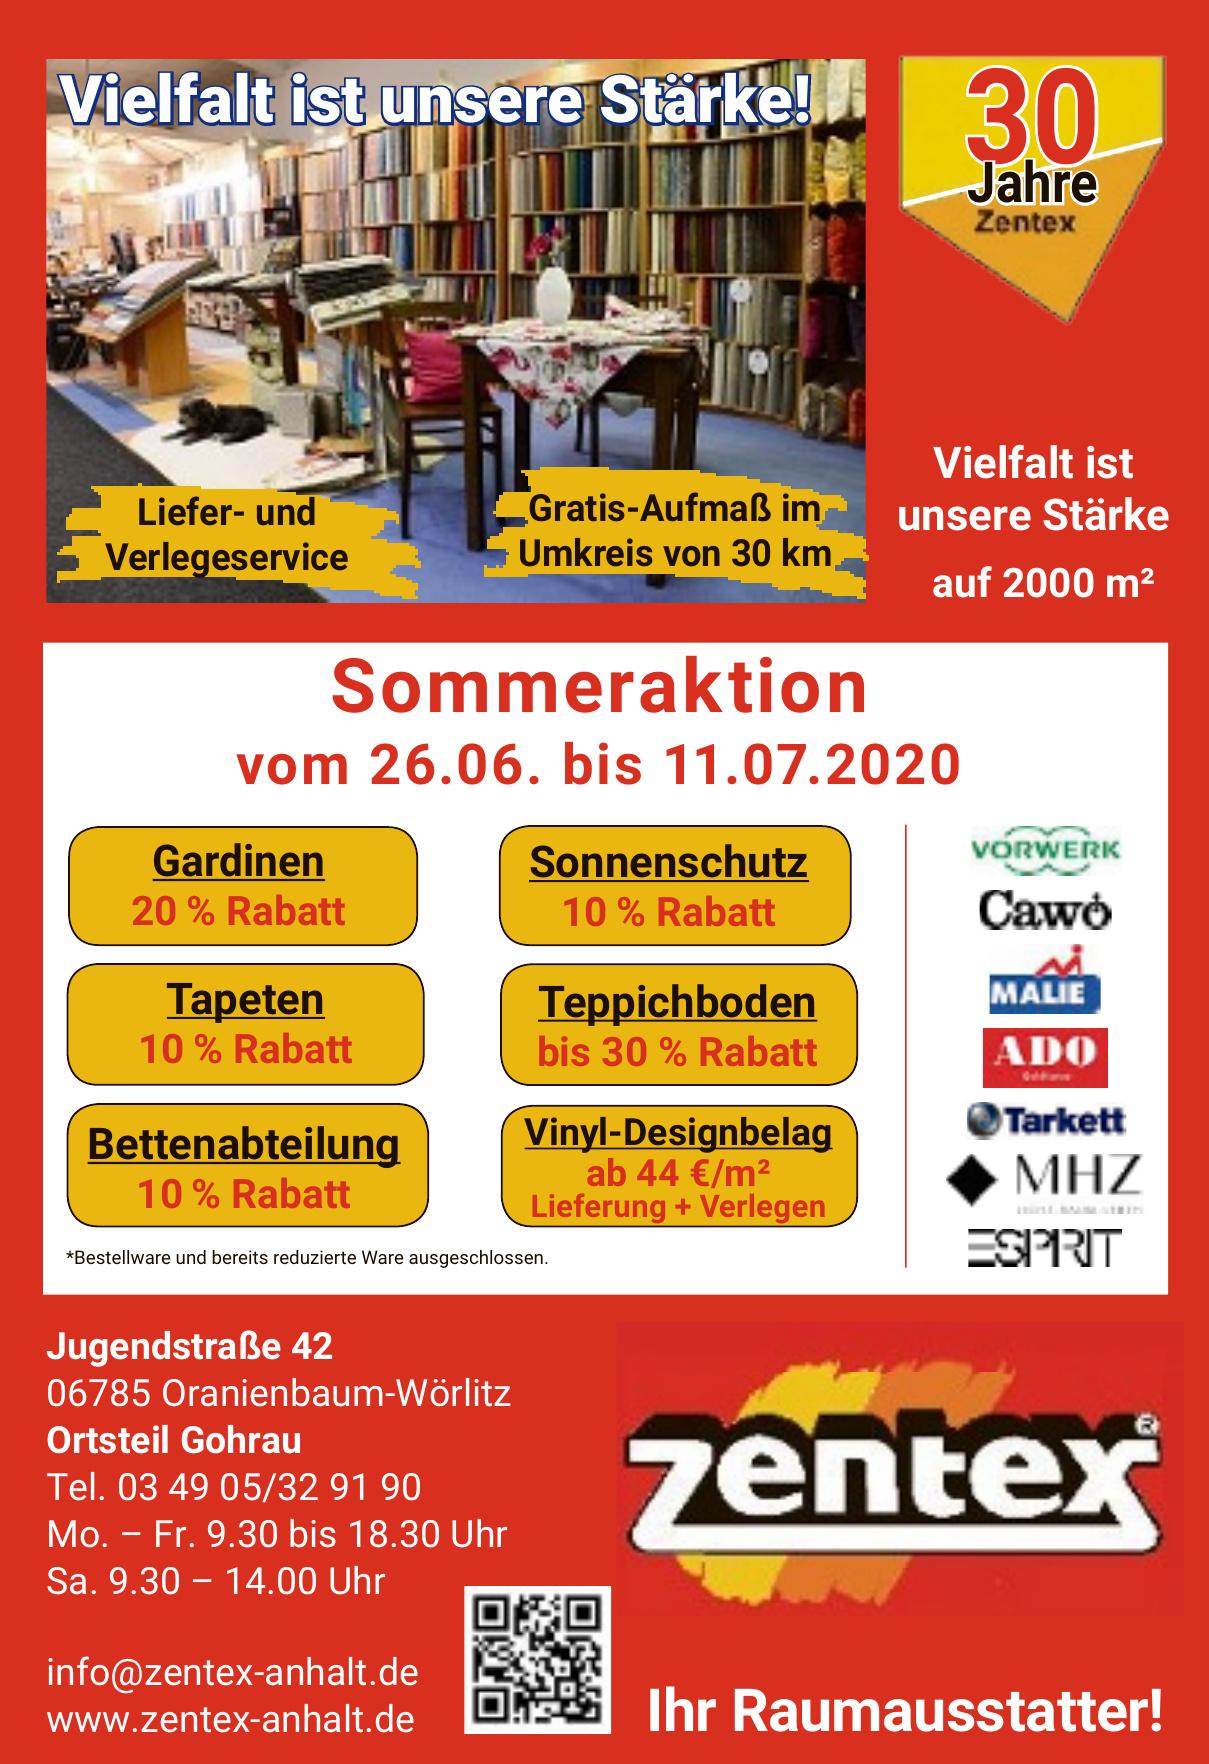 Zentex